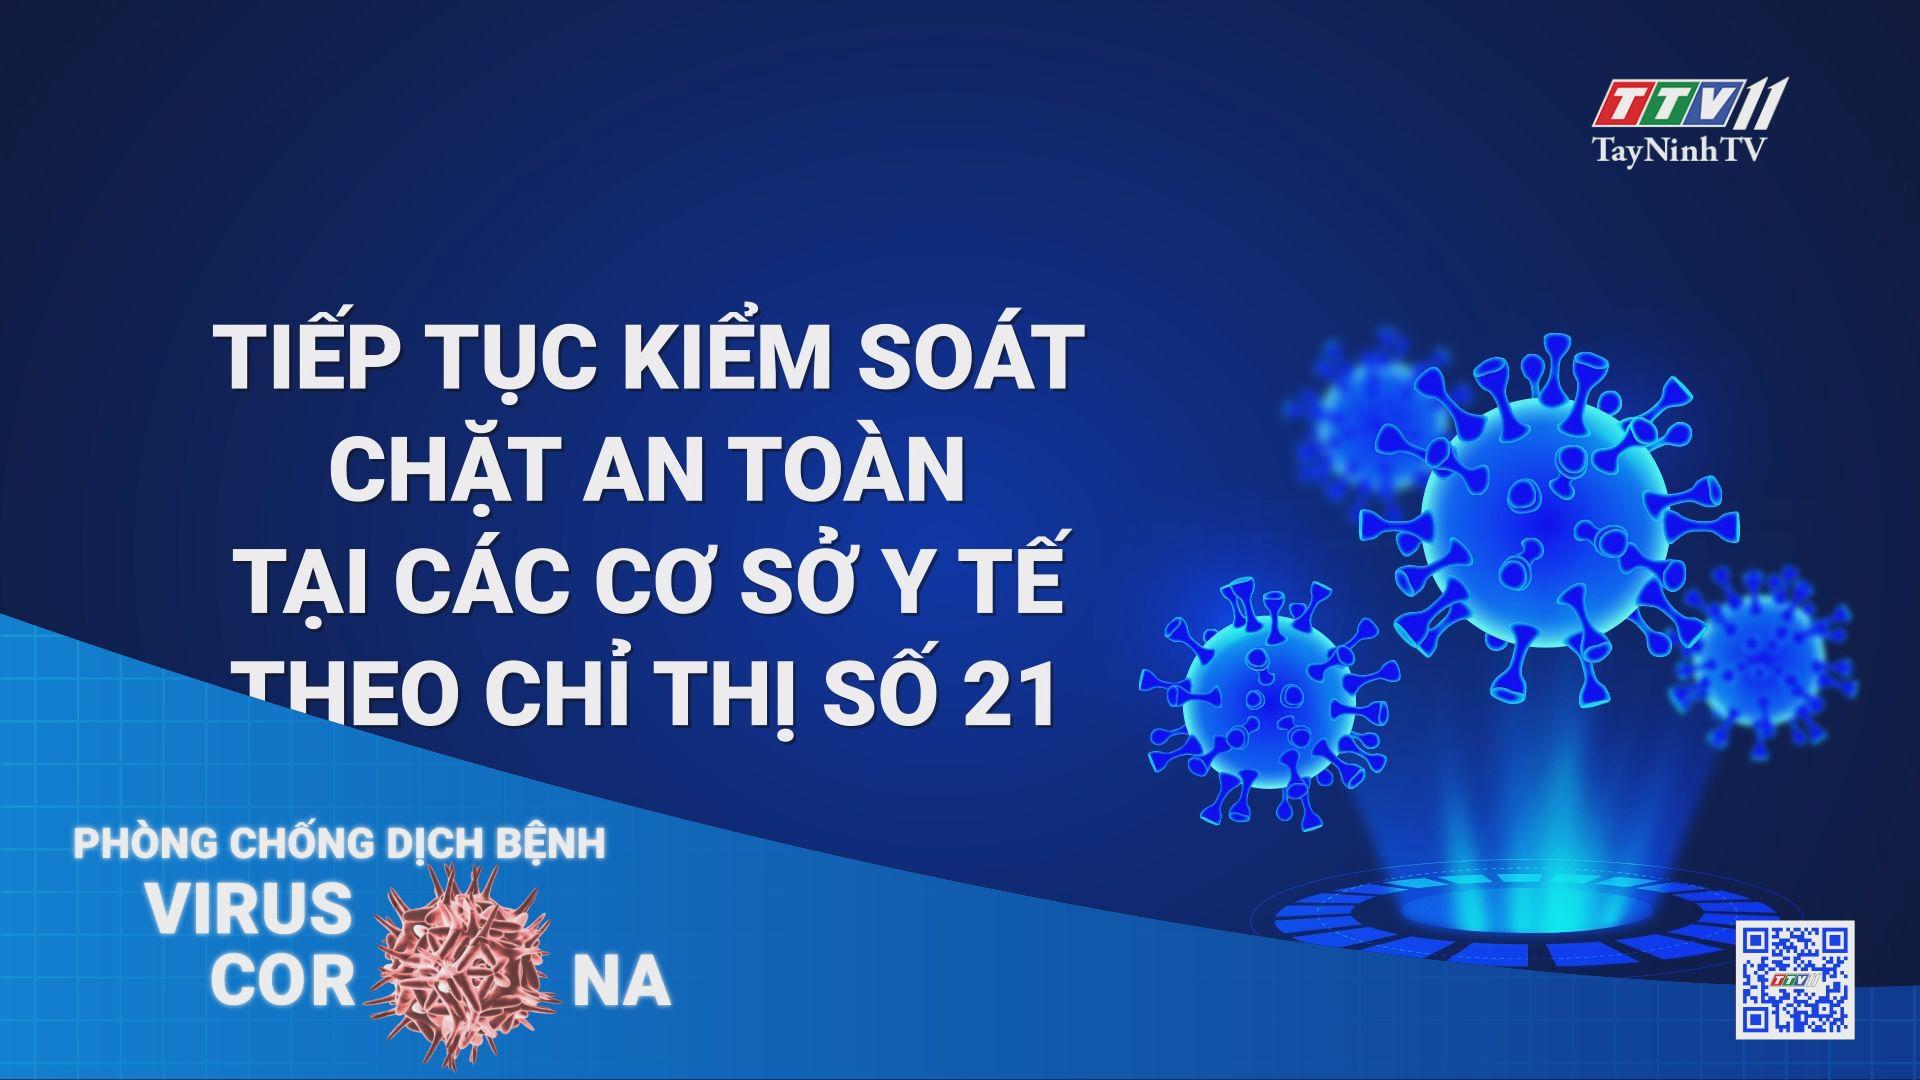 Tiếp tục kiểm soát chặt an toàn tại các cơ sở y tế theo Chỉ thị số 21 | THÔNG TIN DỊCH CÚM COVID-19 | TayNinhTV